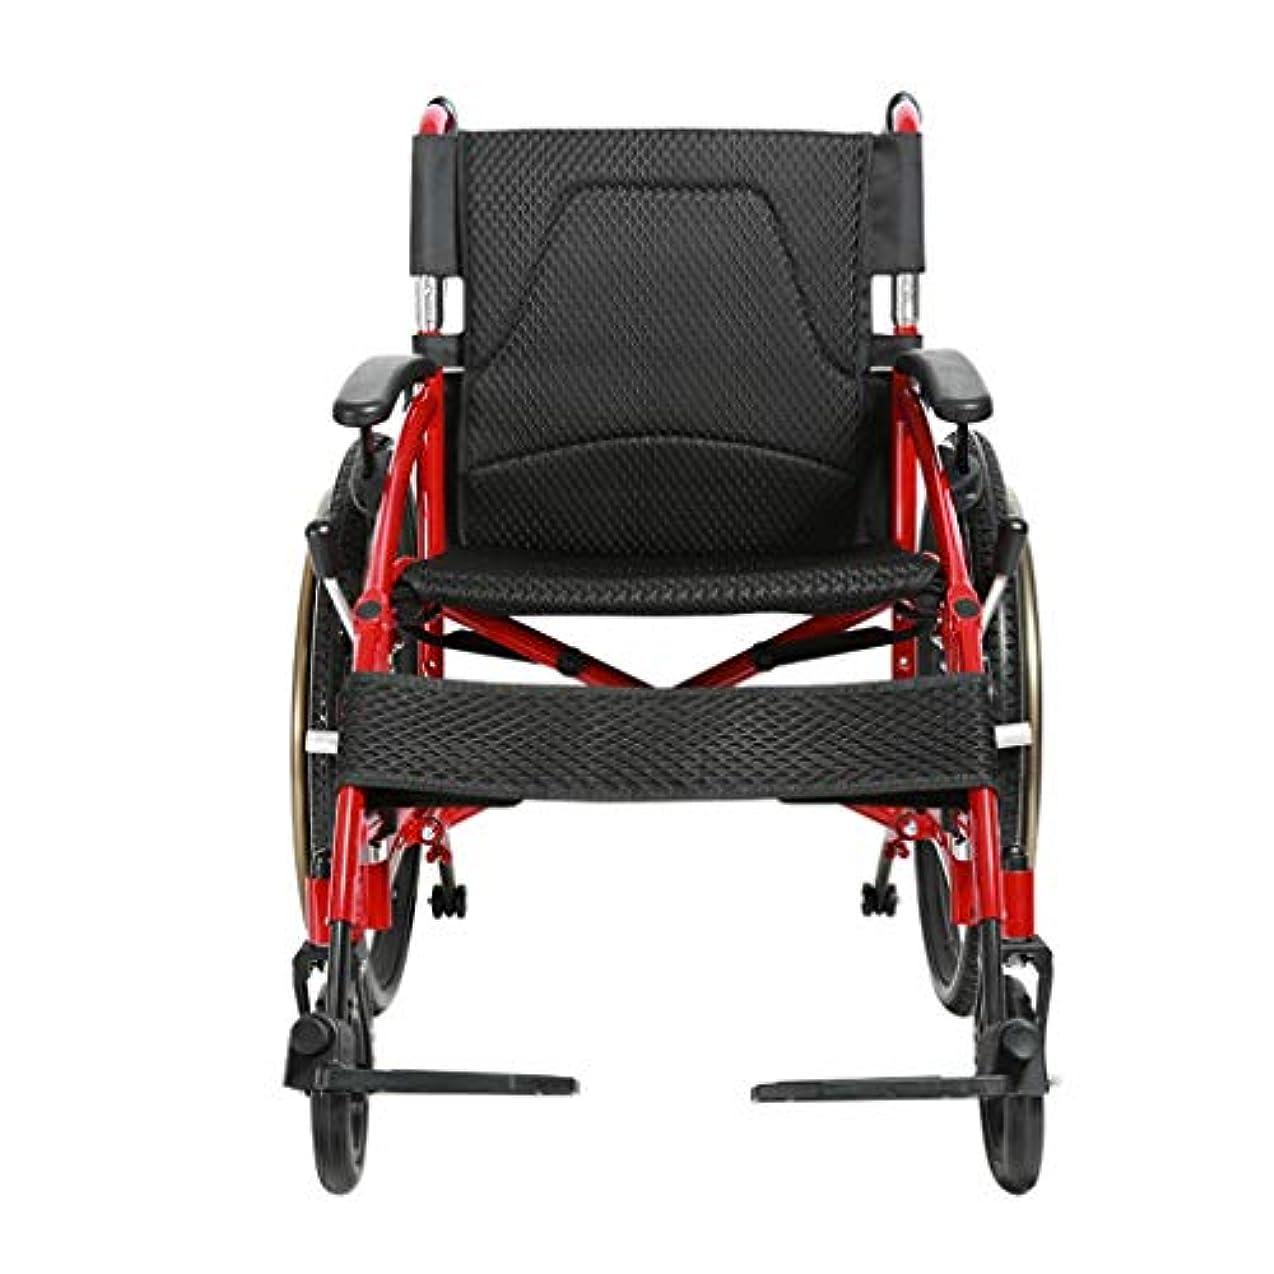 集中的な手のひらうめき声車椅子折りたたみ超軽量アルミニウム合金、高齢者向け車椅子、多目的トロリー